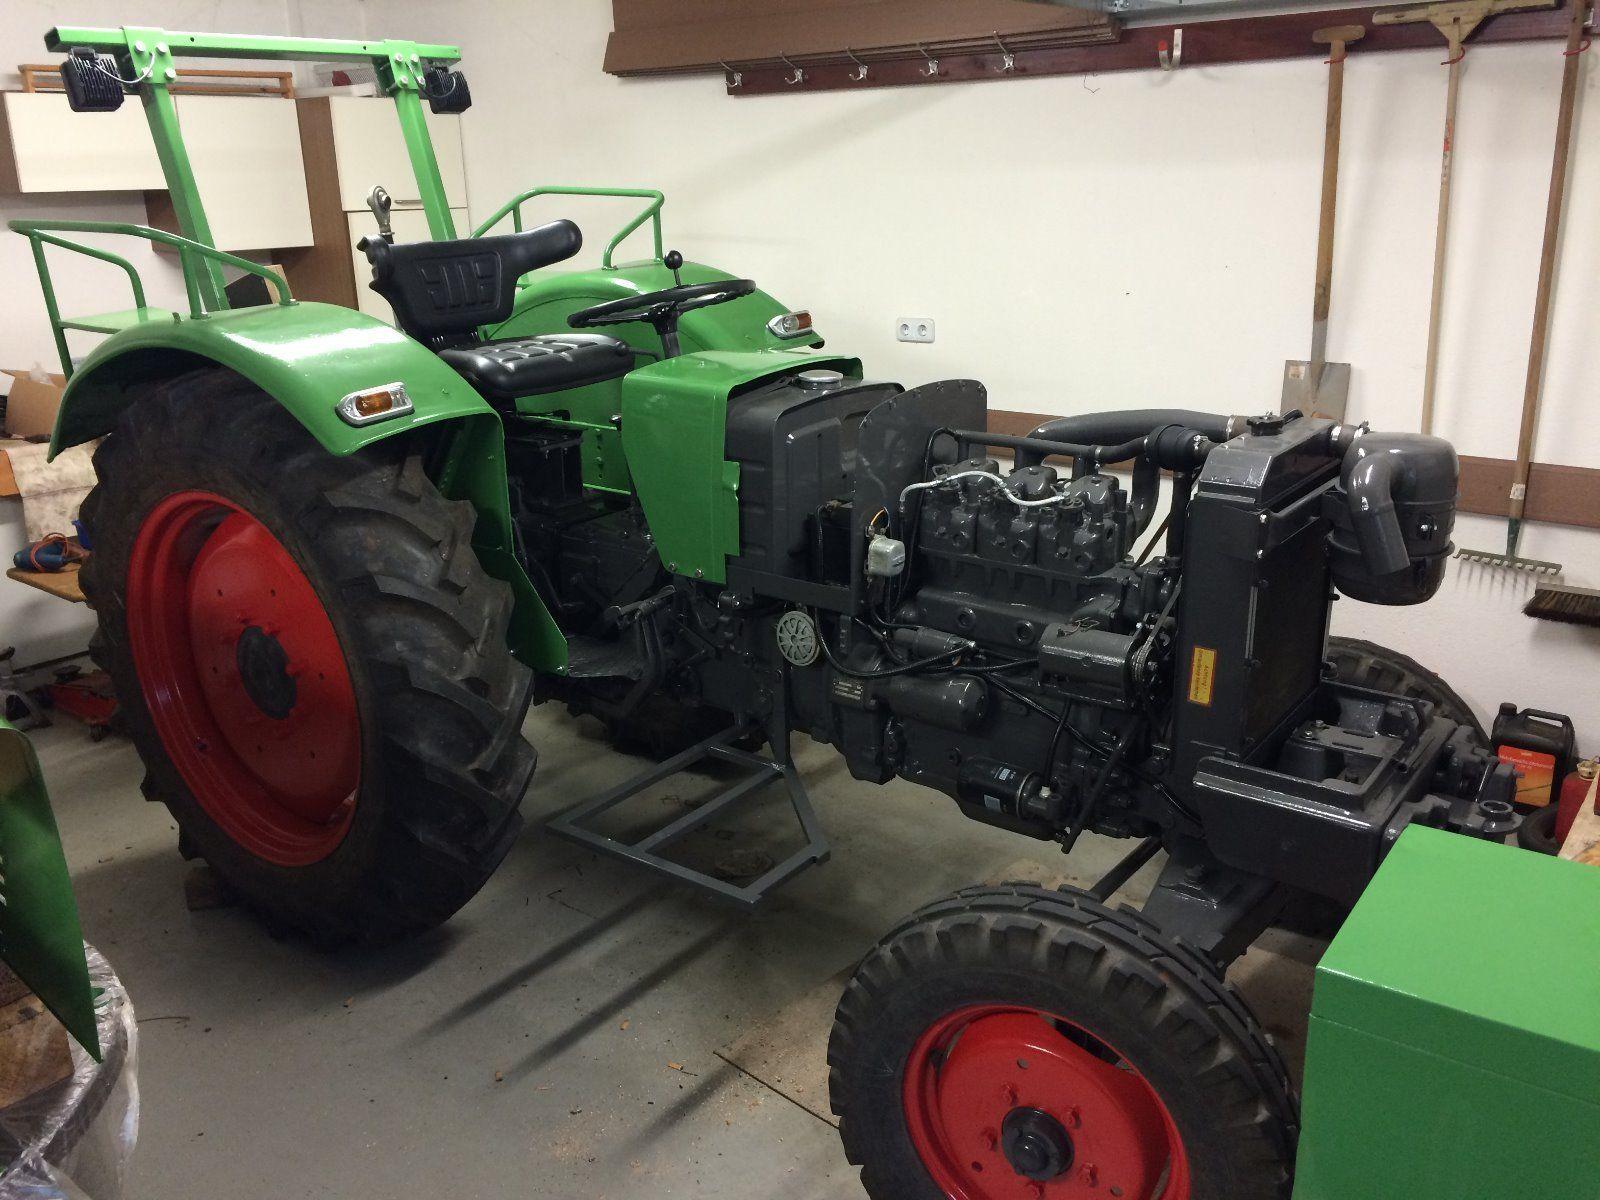 Fendt Farmer 2 E Schlepper Traktor Oldtimer Restauriert Fendt Fendt Farmer Traktor